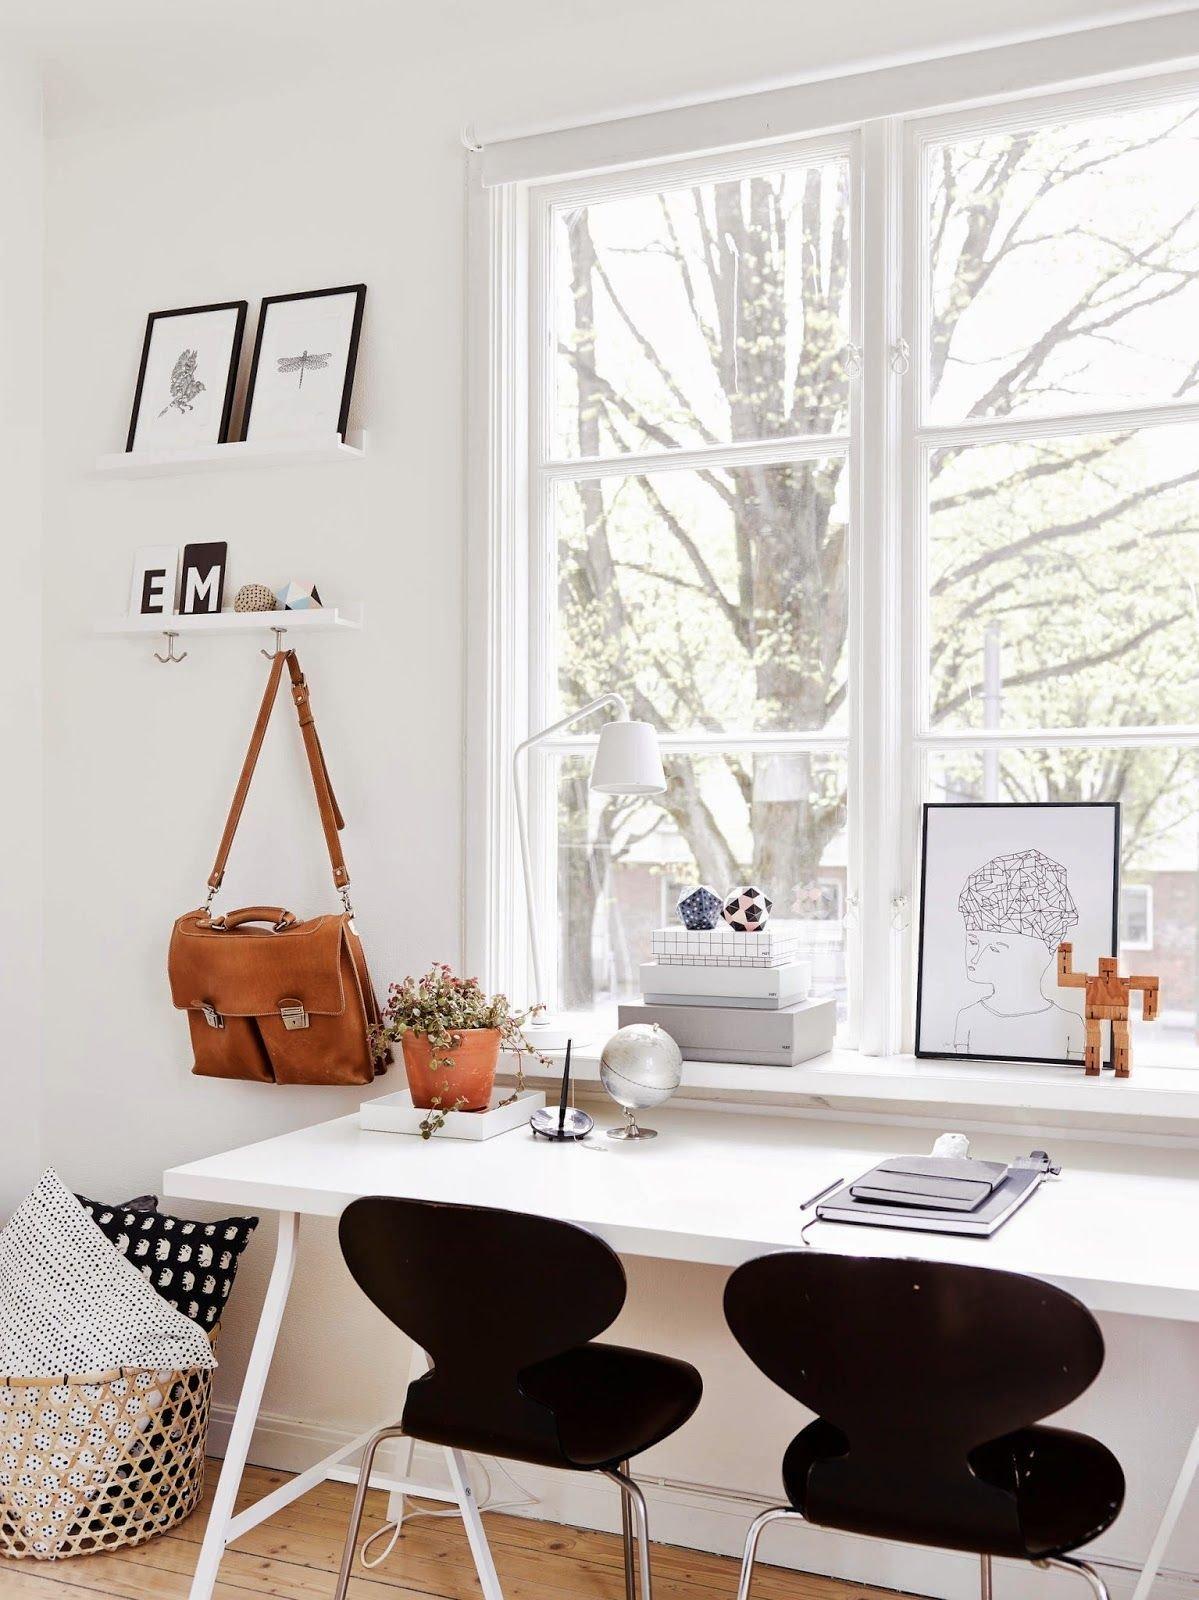 Si has de compartir espacio de trabajo hazlo de forma en la que ambos tengáis suficiente espacio.